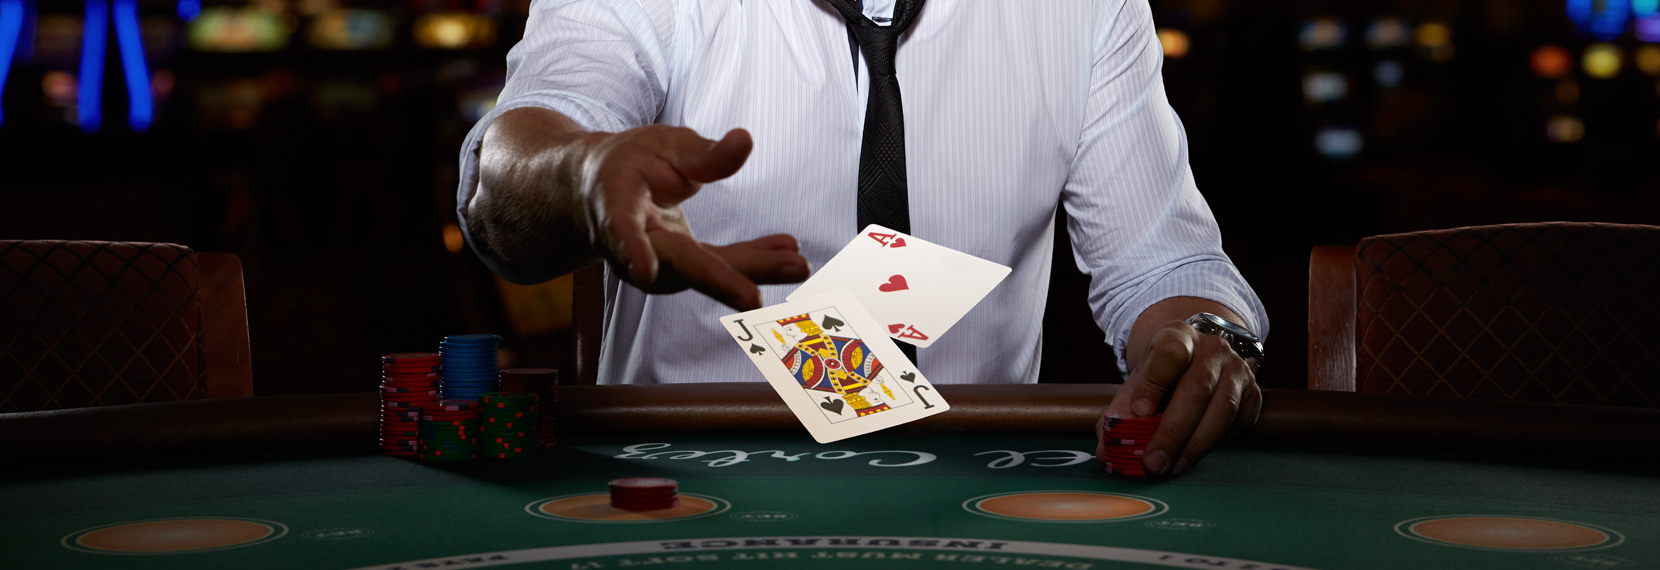 تنزيل لعبة بوكر - 55060